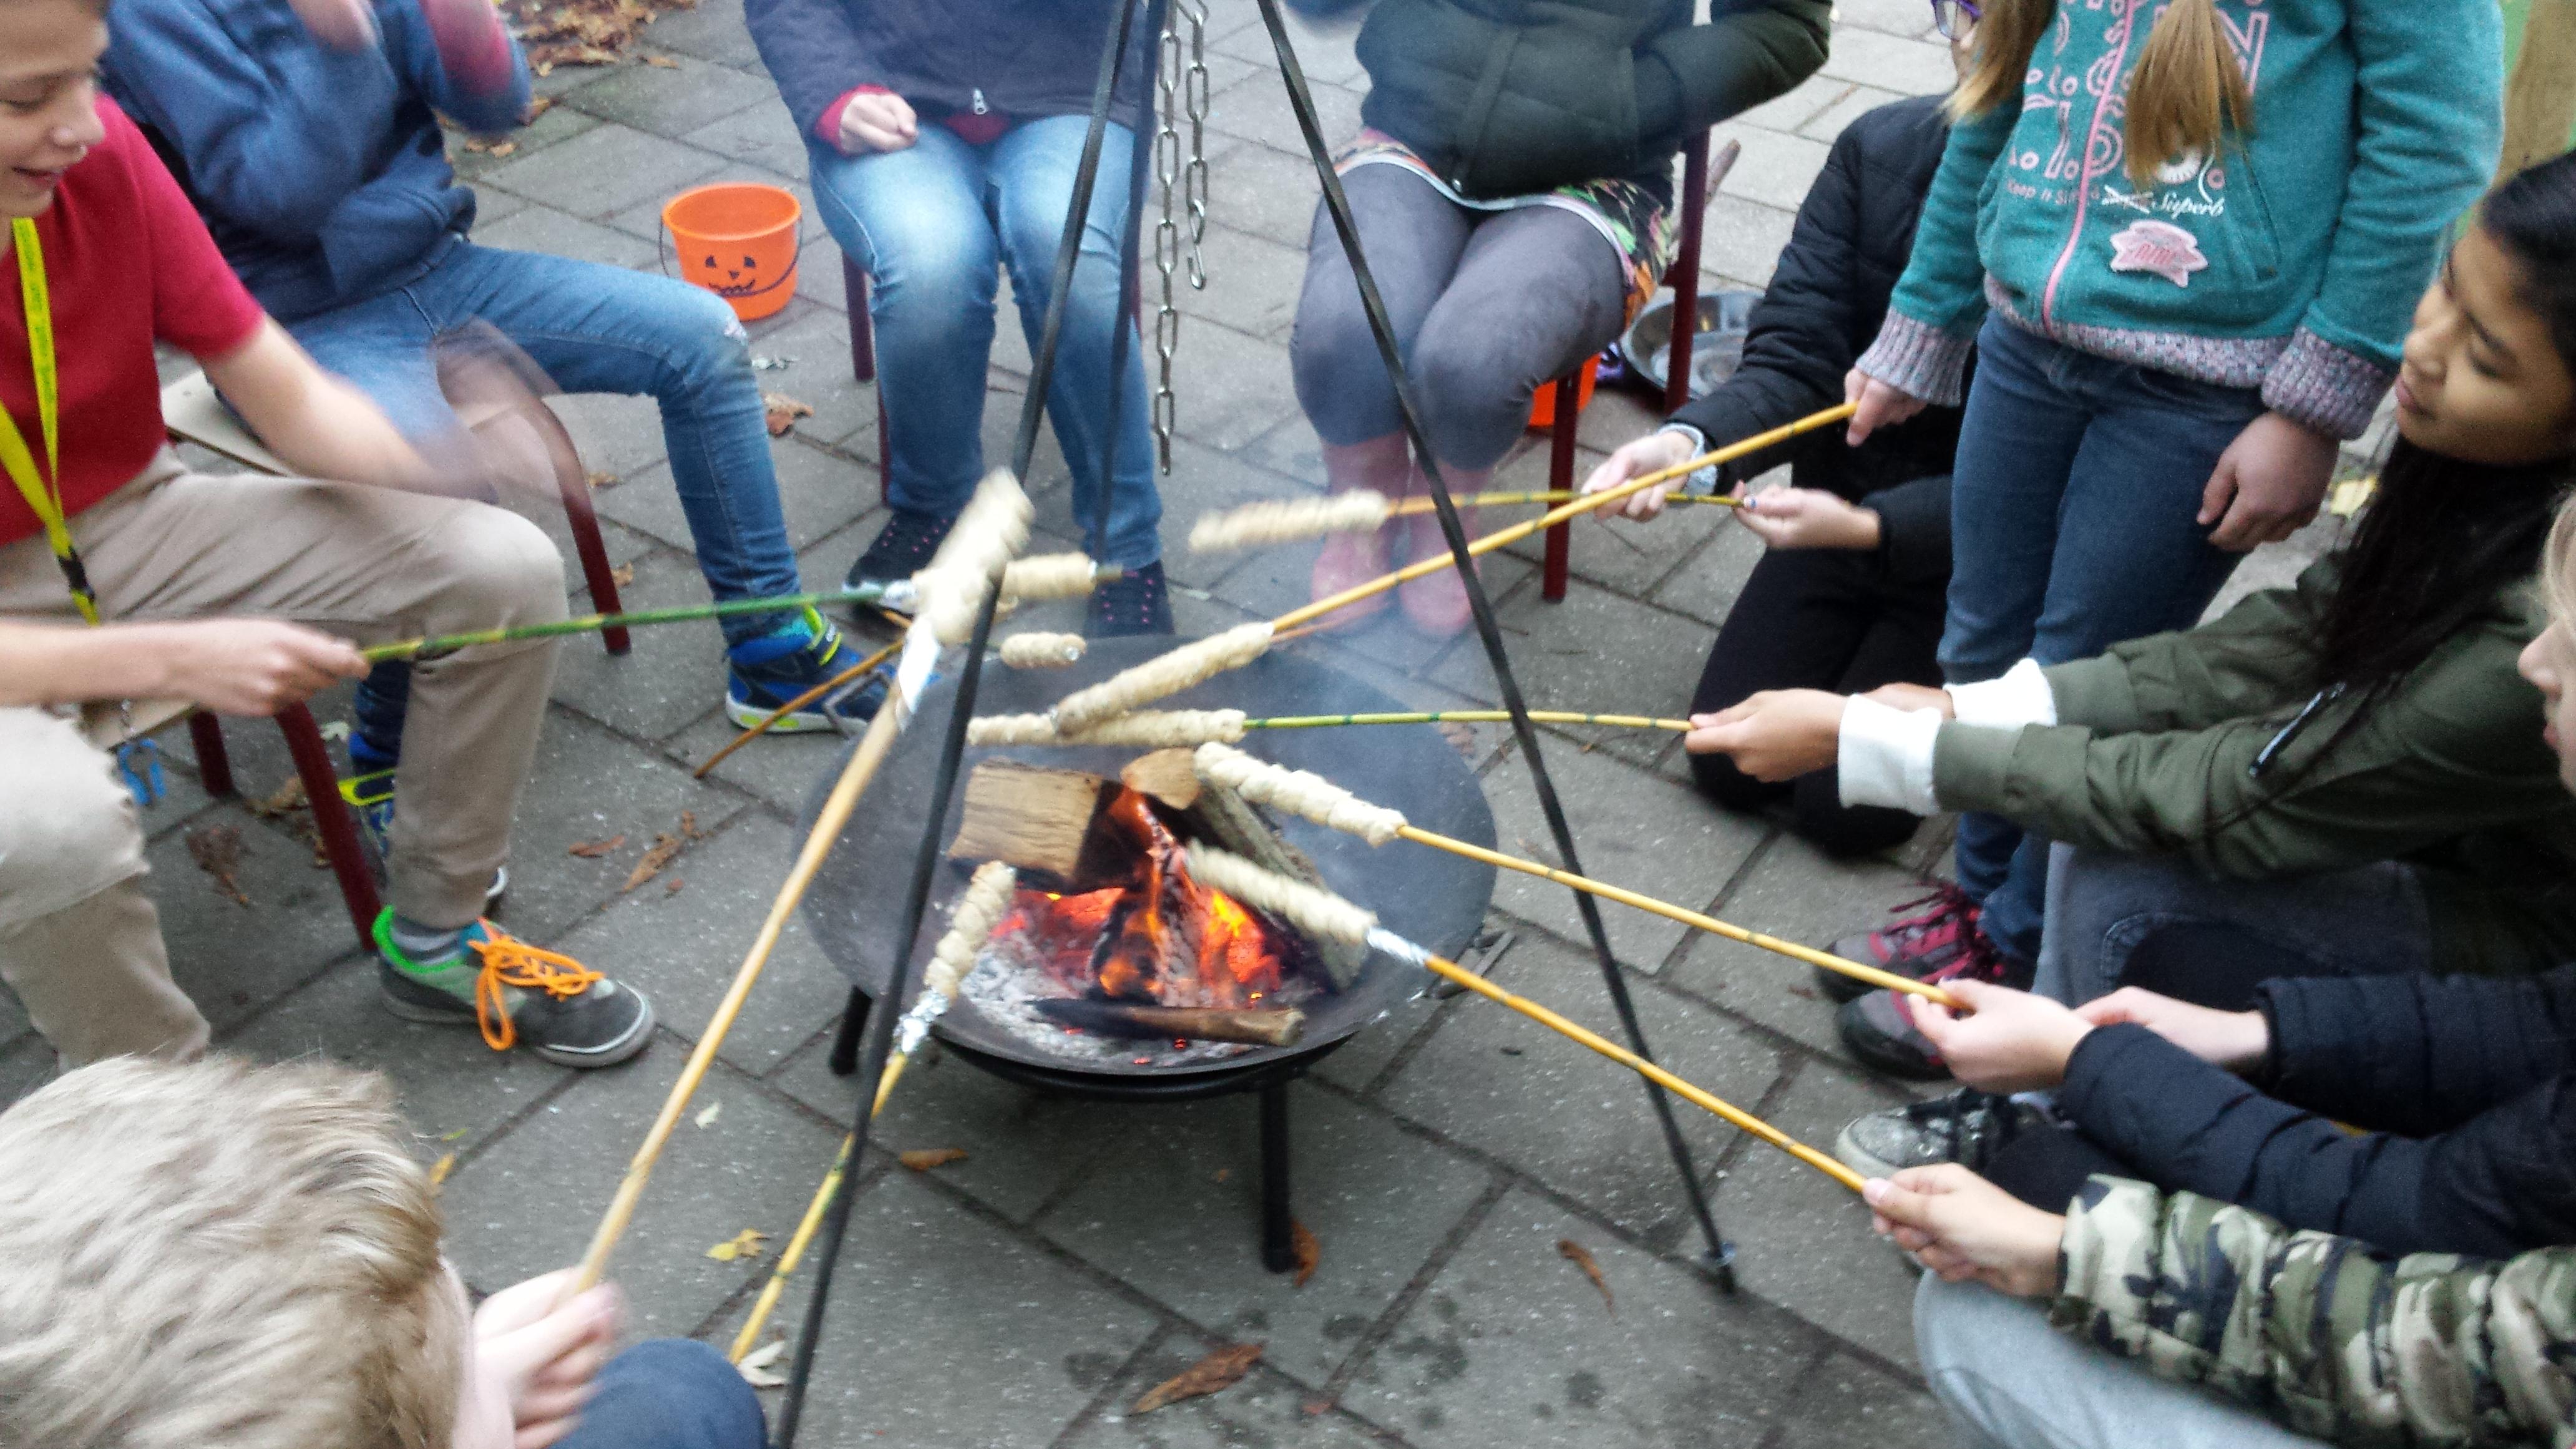 veilig vuur leren maken